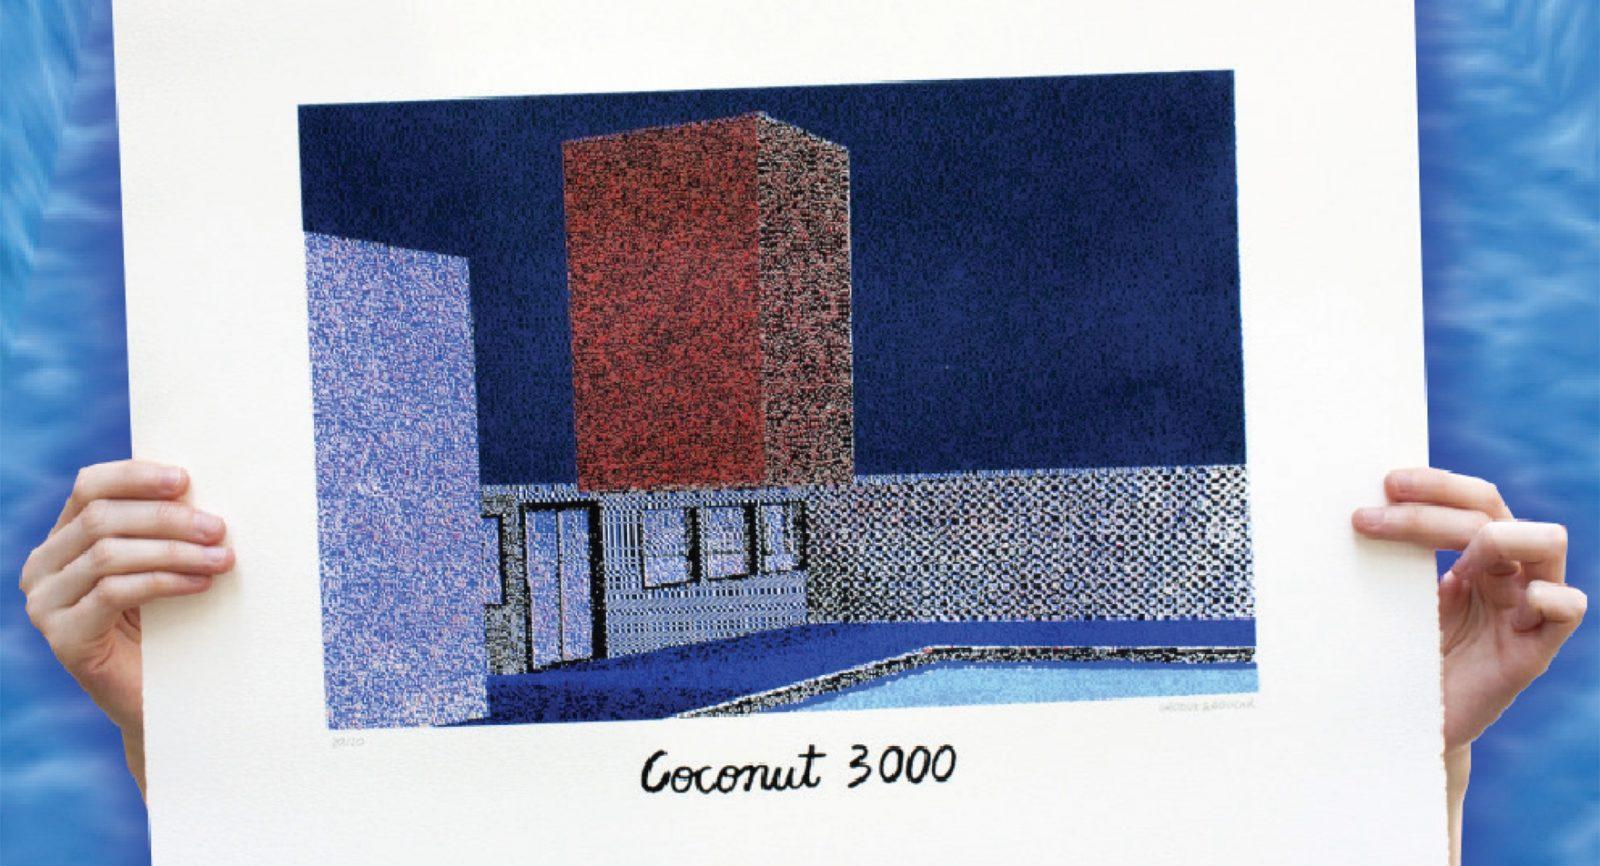 Groduk & Boucar